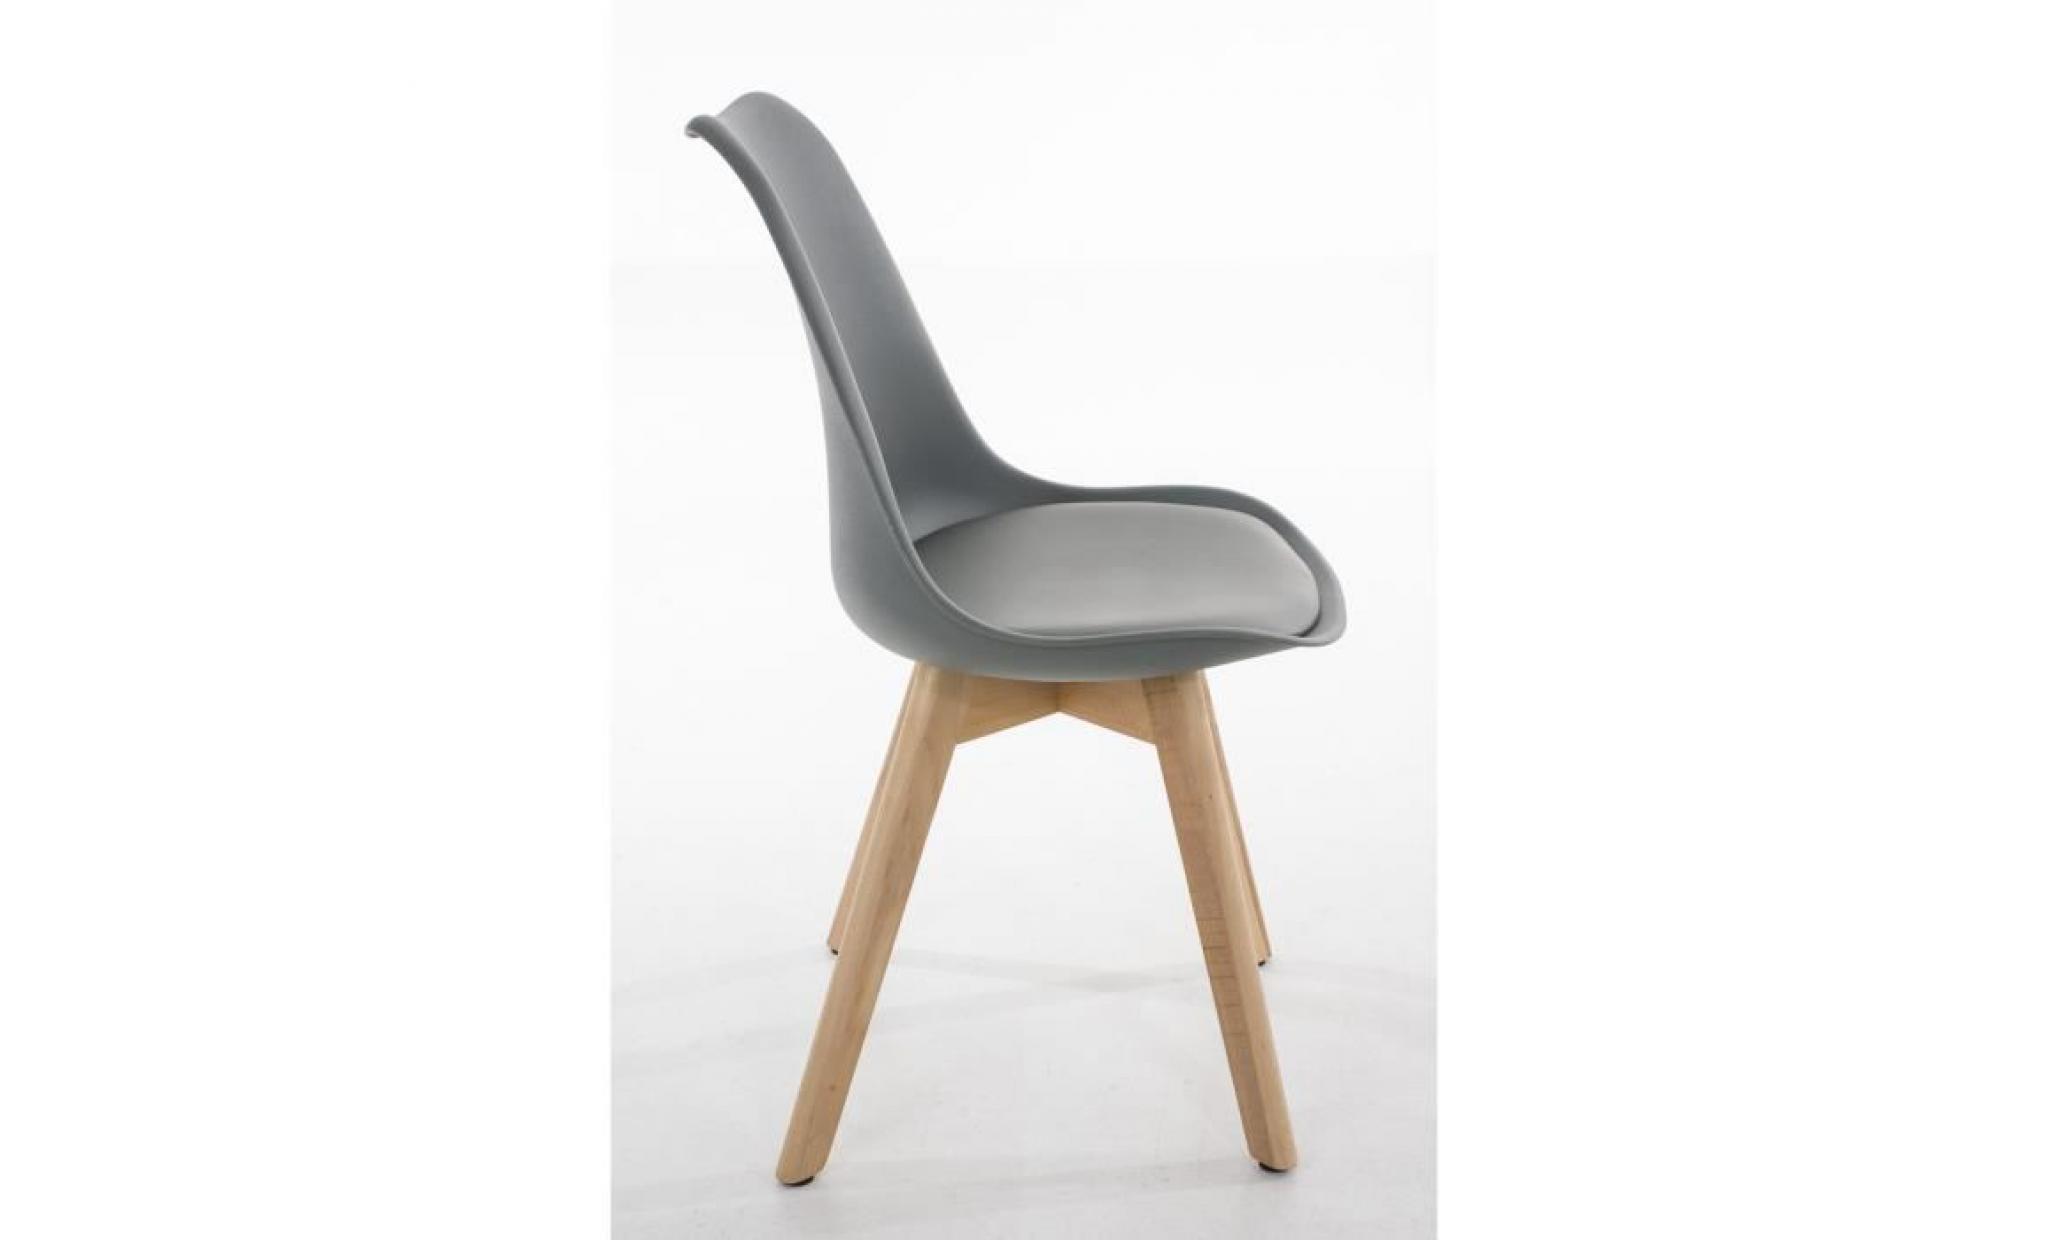 Clp chaise de visiteurs de design r tro borneo avec pi tement en bois noix m lange de mat riaux - Chaises visiteurs design ...